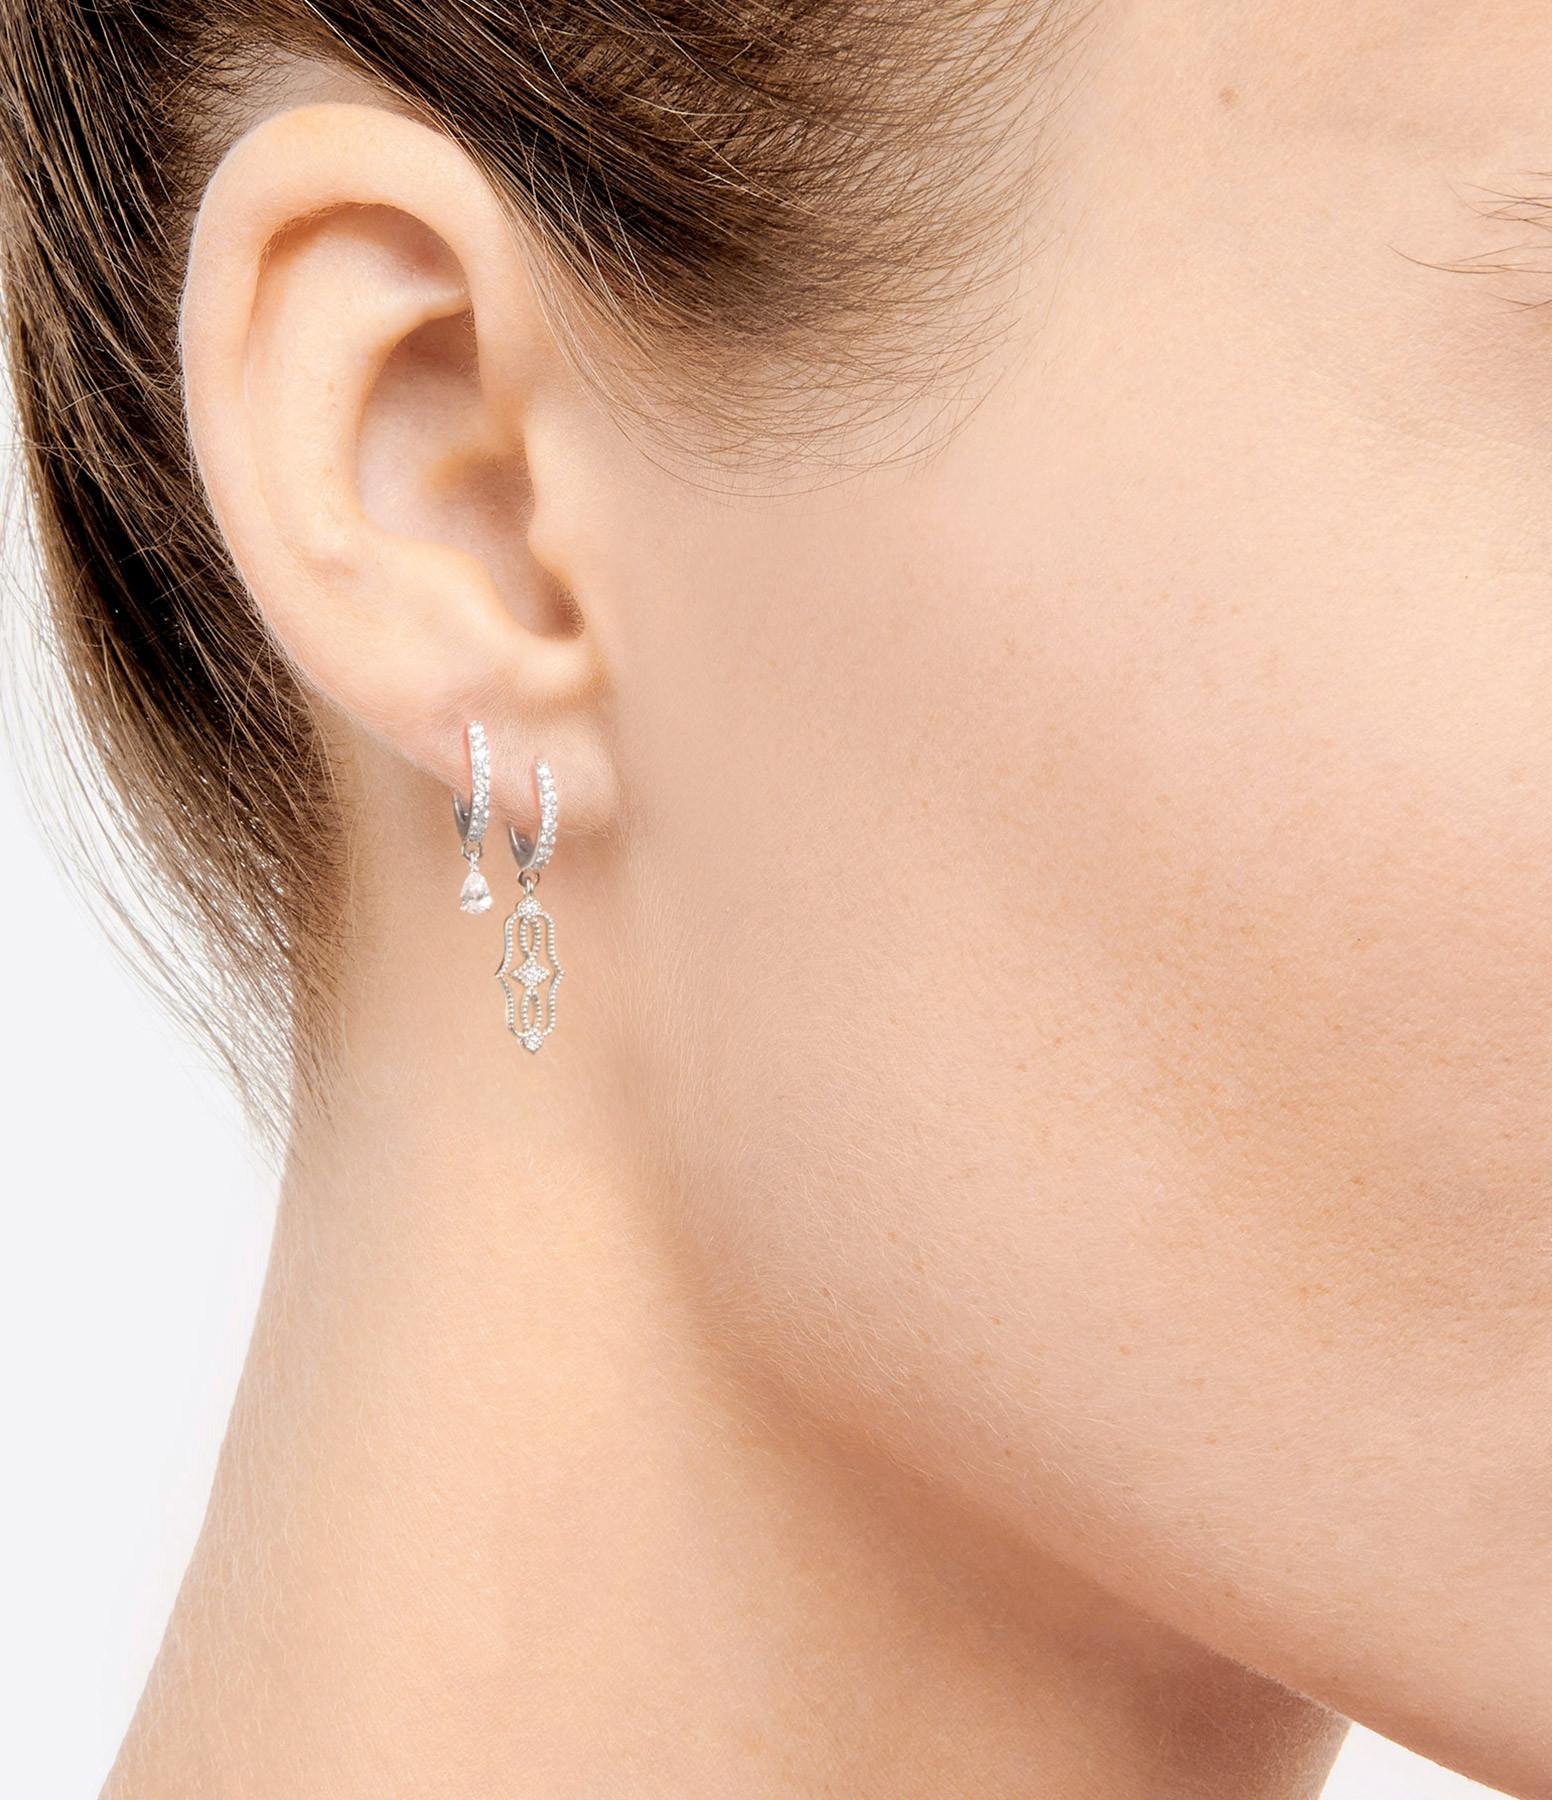 NAVA JOAILLERIE - Boucle d'oreille Isa Or Blanc (vendue à l'unité)